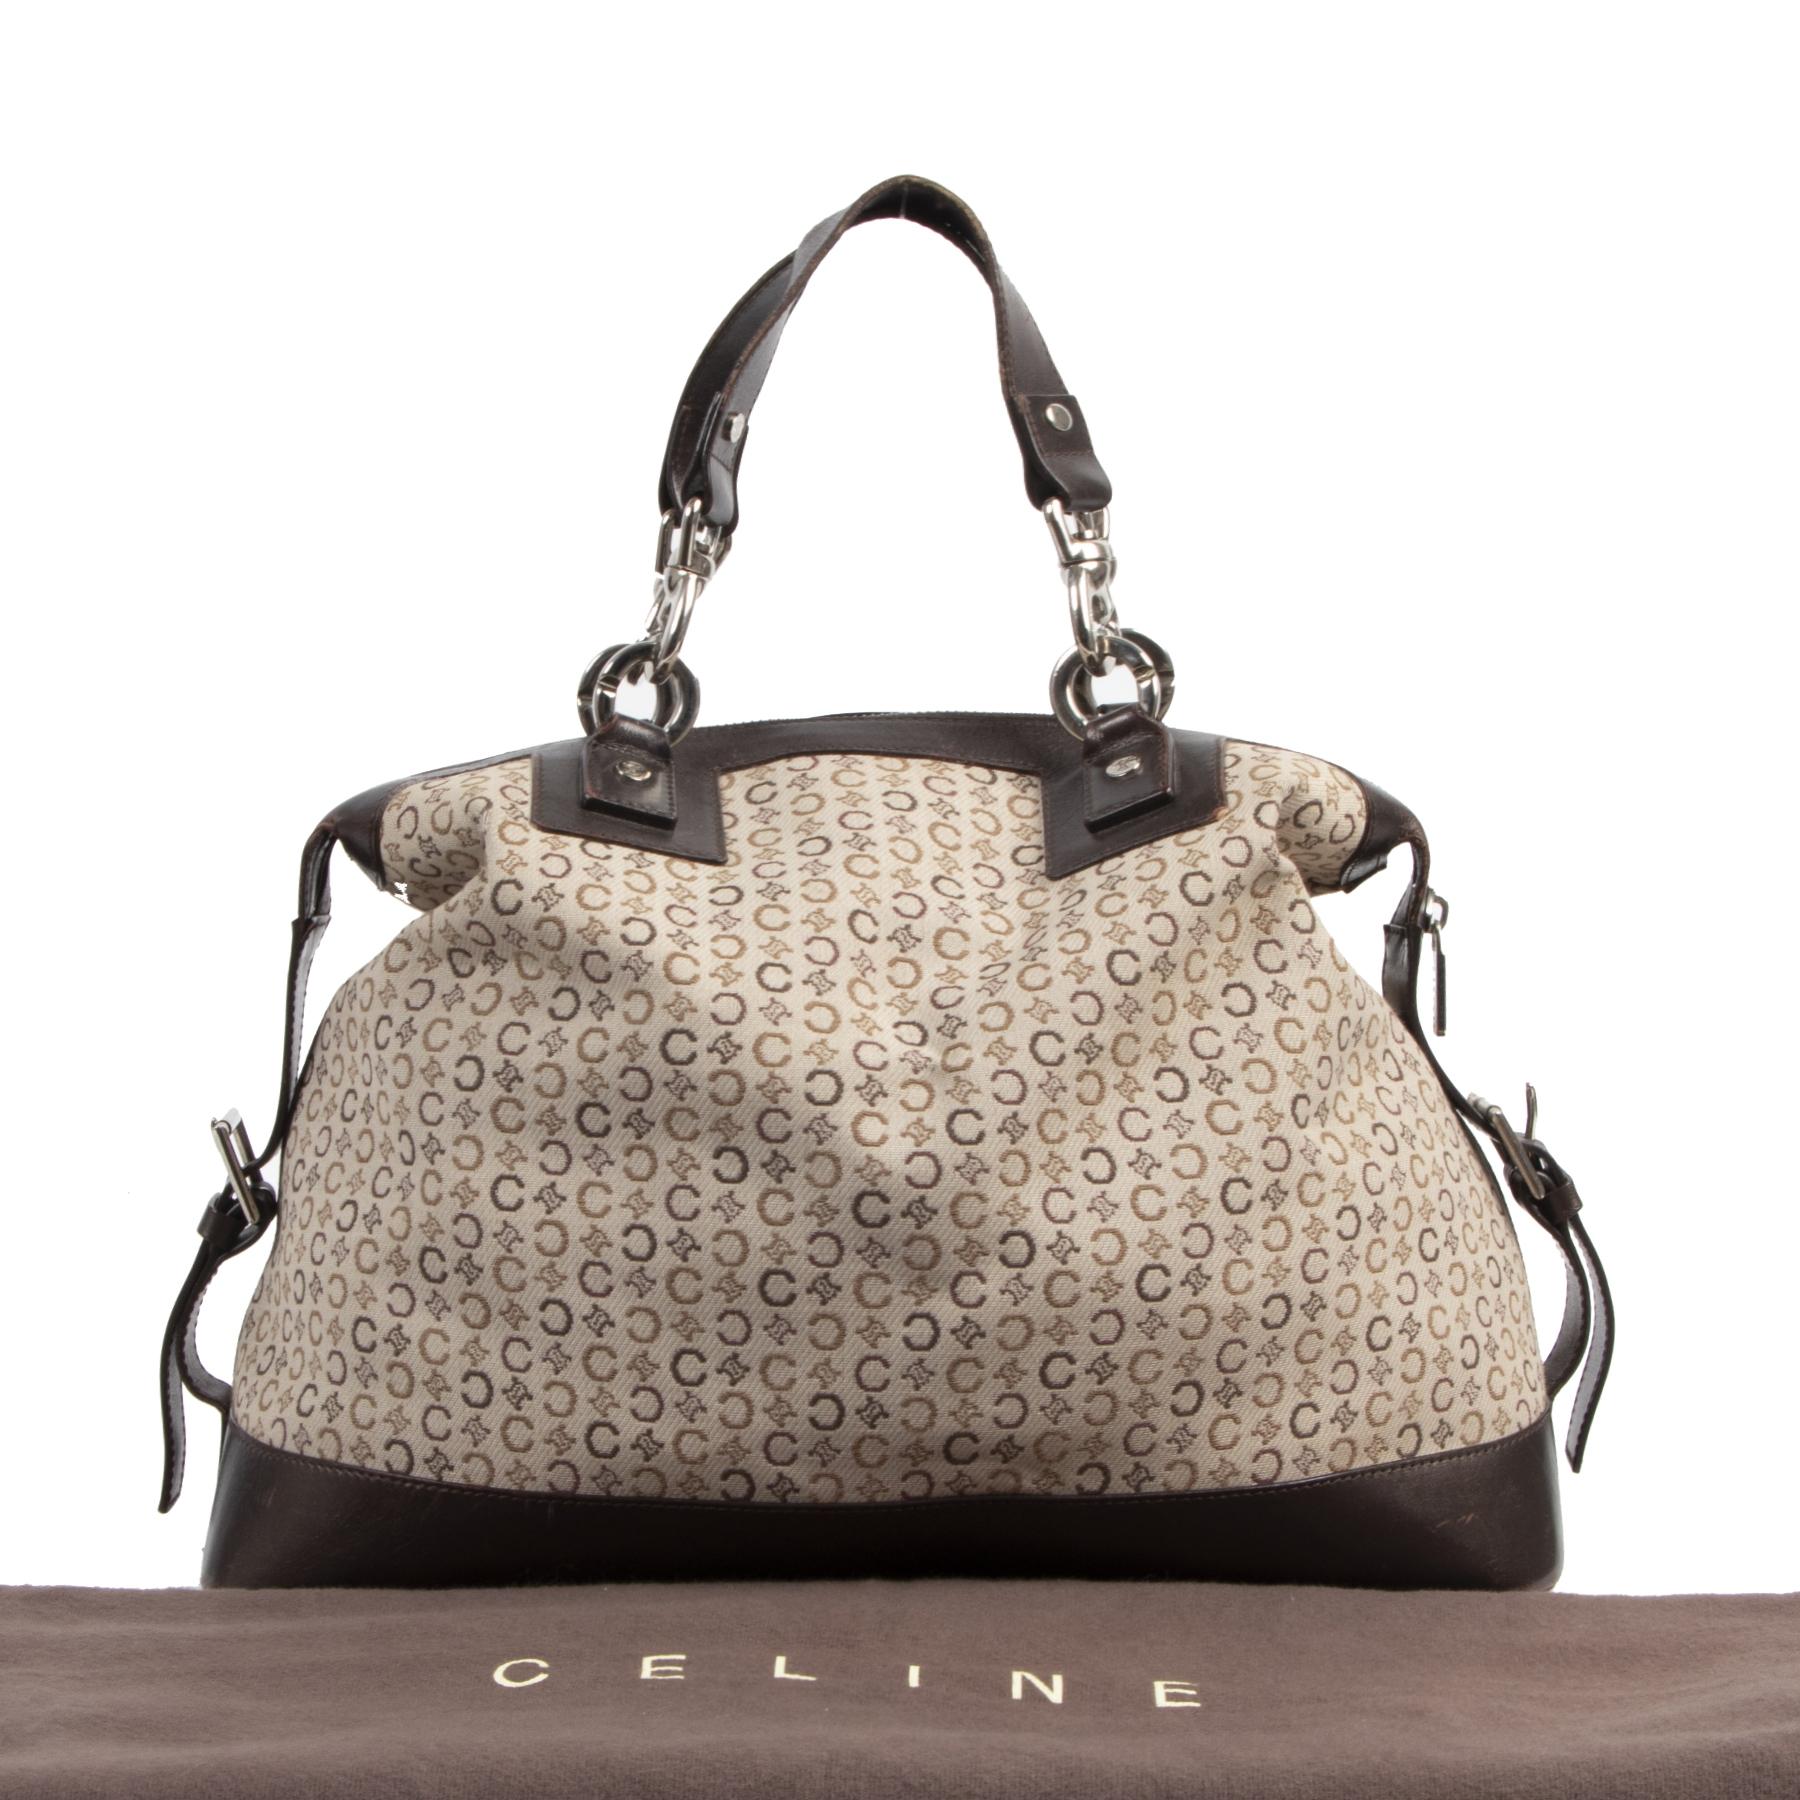 Authentic second-hand vintage Céline Brown Canvas Leather Monogram Bag buy online webshop LabelLOV